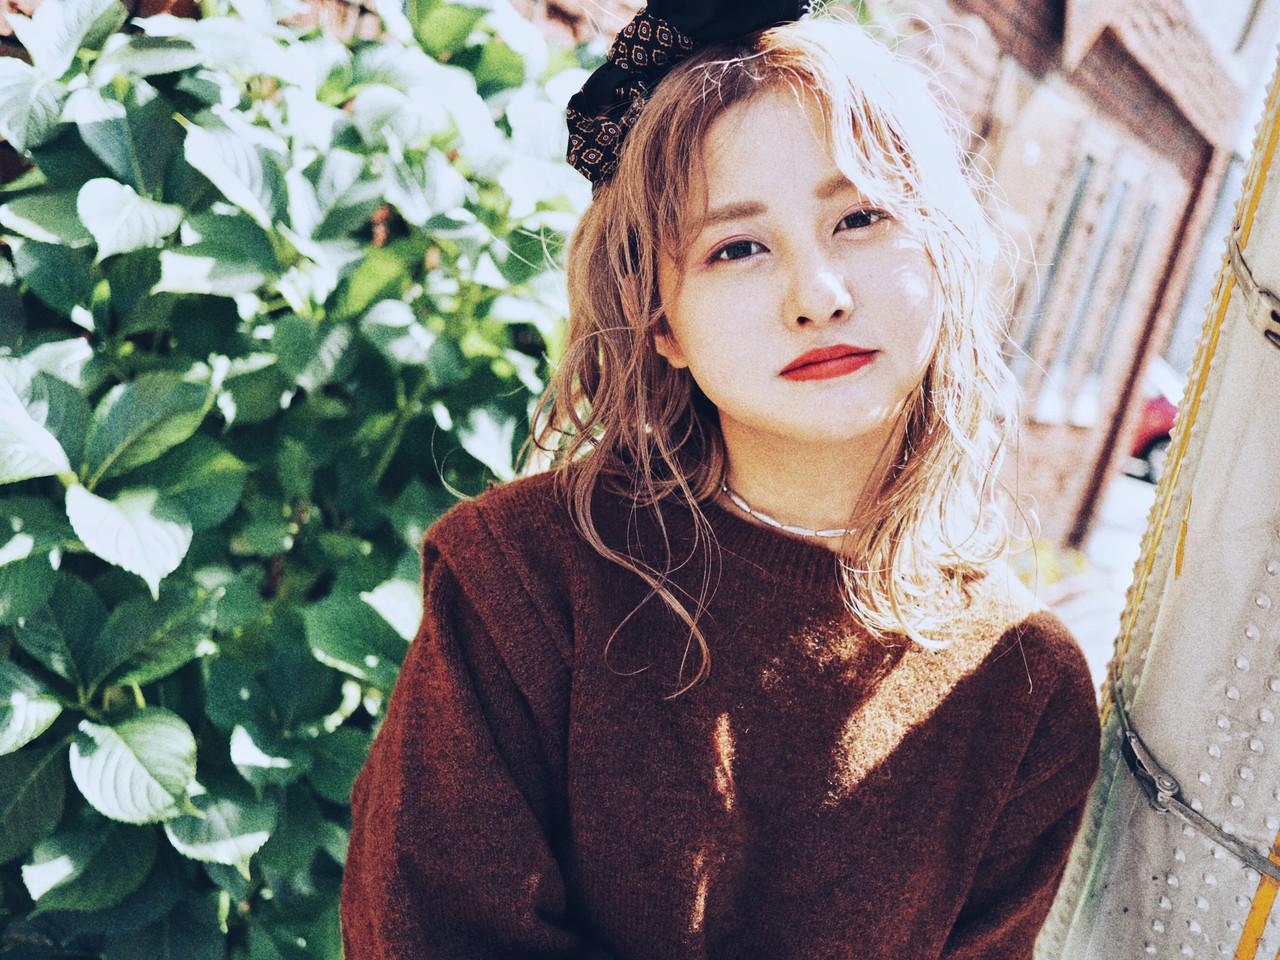 韓国風ヘアー ガーリー スカーフアレンジ ヘアアレンジ ヘアスタイルや髪型の写真・画像 | 村井優紀 / FITS CORE フィッツコア